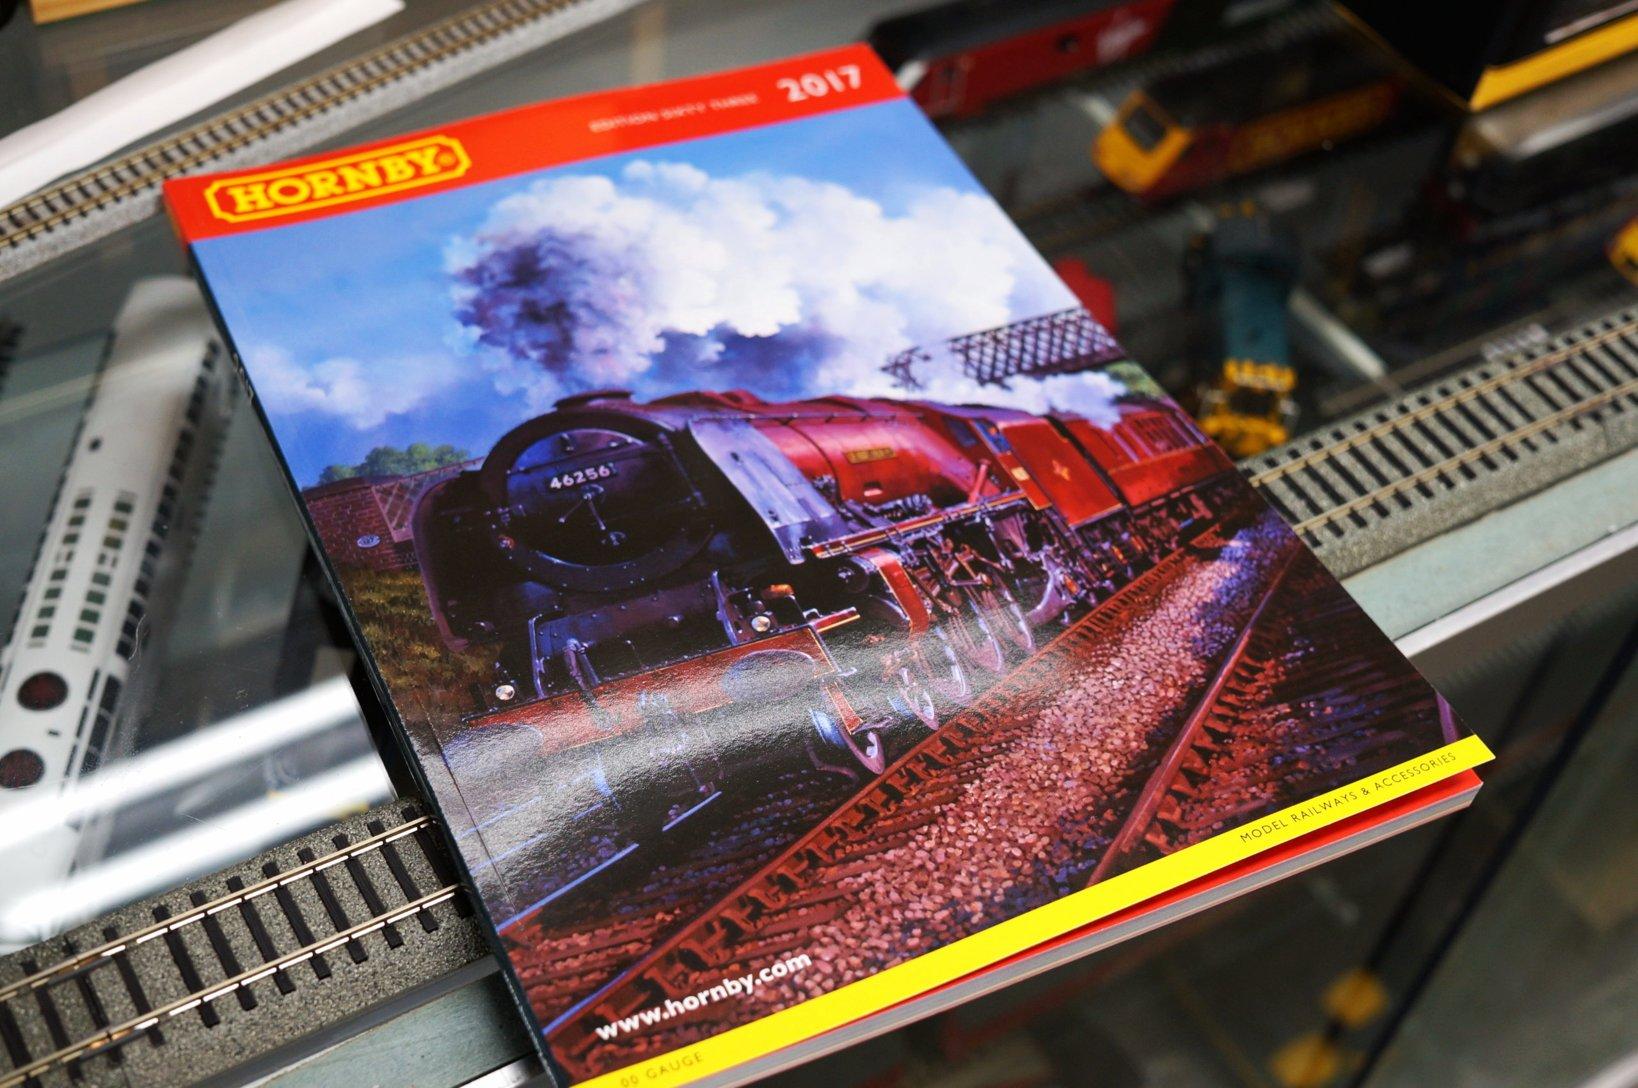 HORNBYの2017年カタログ。もちろん英語表記だが、製品一覧だけでなく、実車についての歴史なども知ることができる。読み物としてもオススメである。